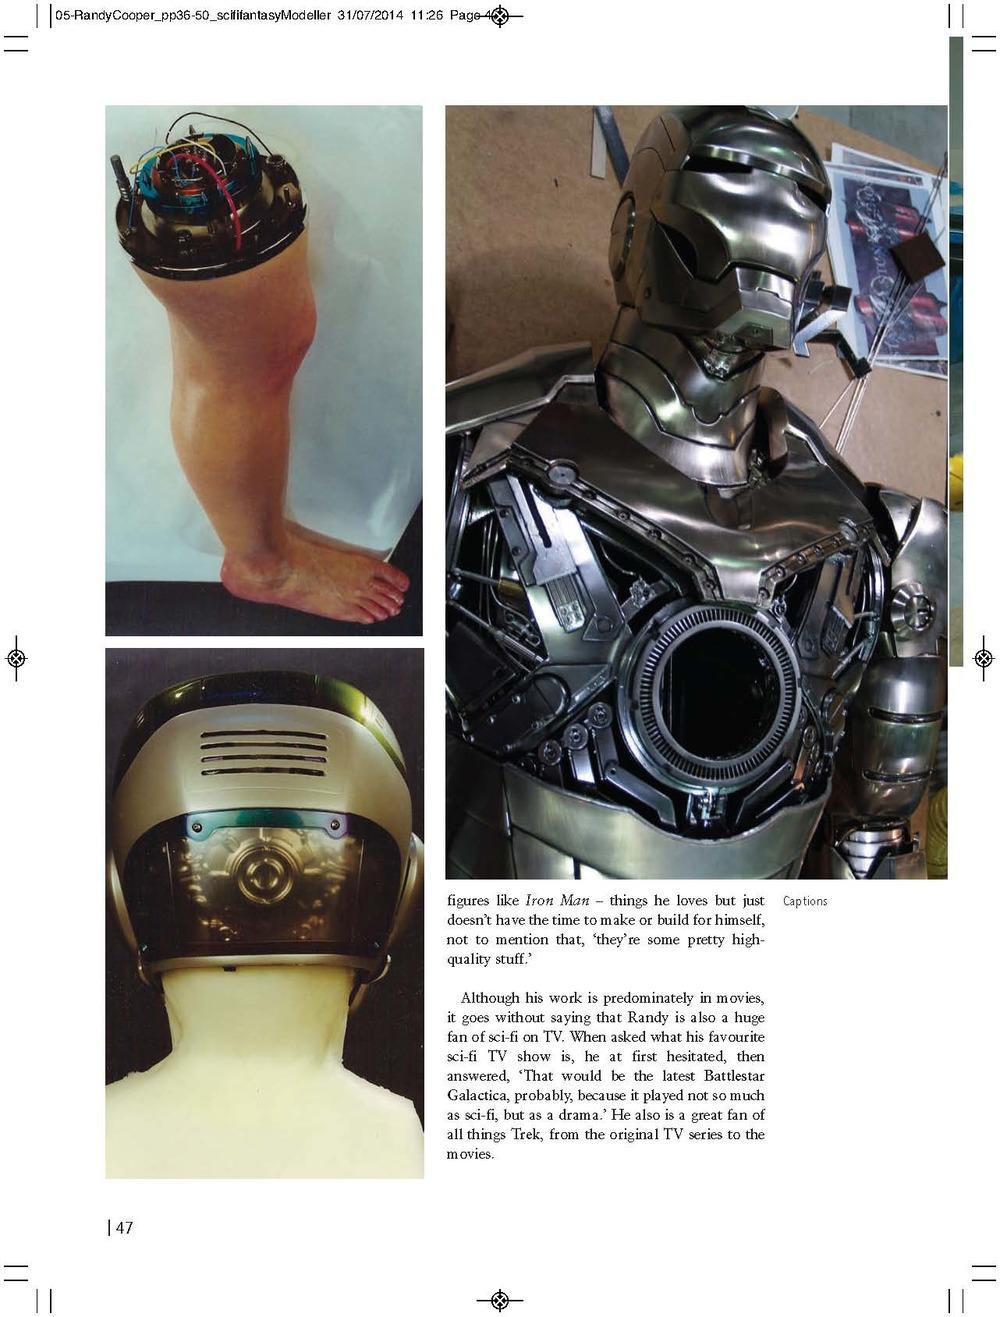 scififantasyModeller 1_Page_12.jpg